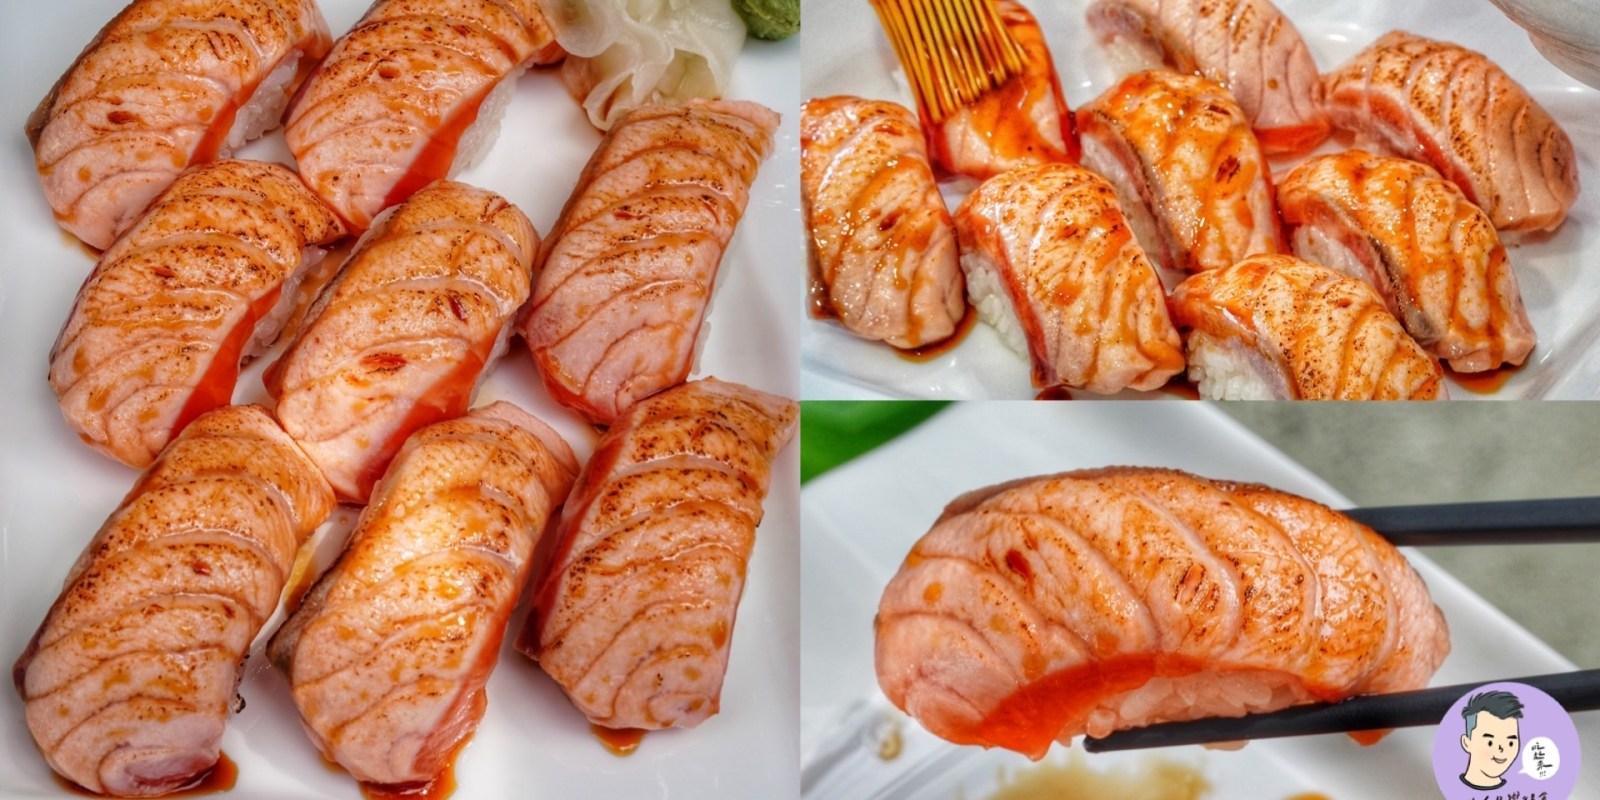 【台南美食】錦平價壽司專賣 五妃街平價壽司!必嚐炙燒鮭魚油香逼人好欠吃 中西區美食 台南壽司